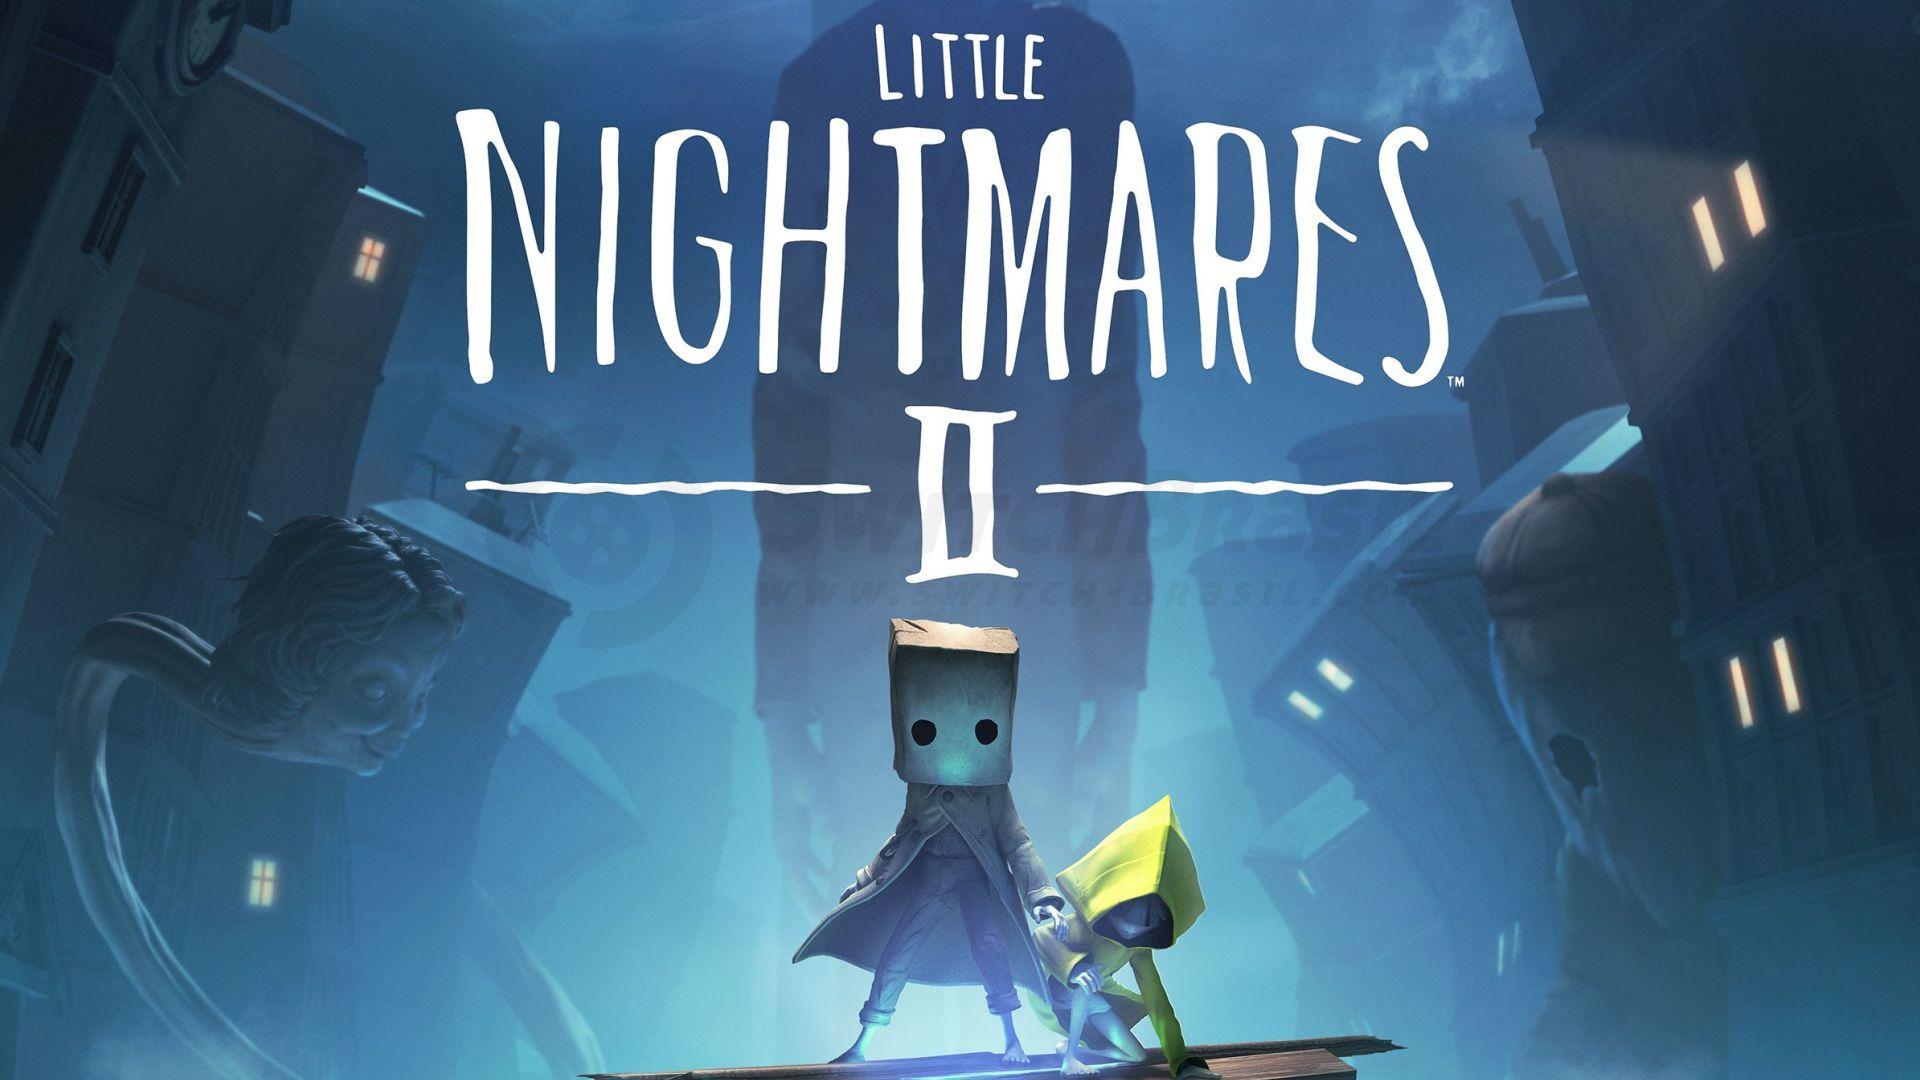 喜加一 | Steam 05.29~05.31 免费领取 Little Nightmares「小小噩梦」